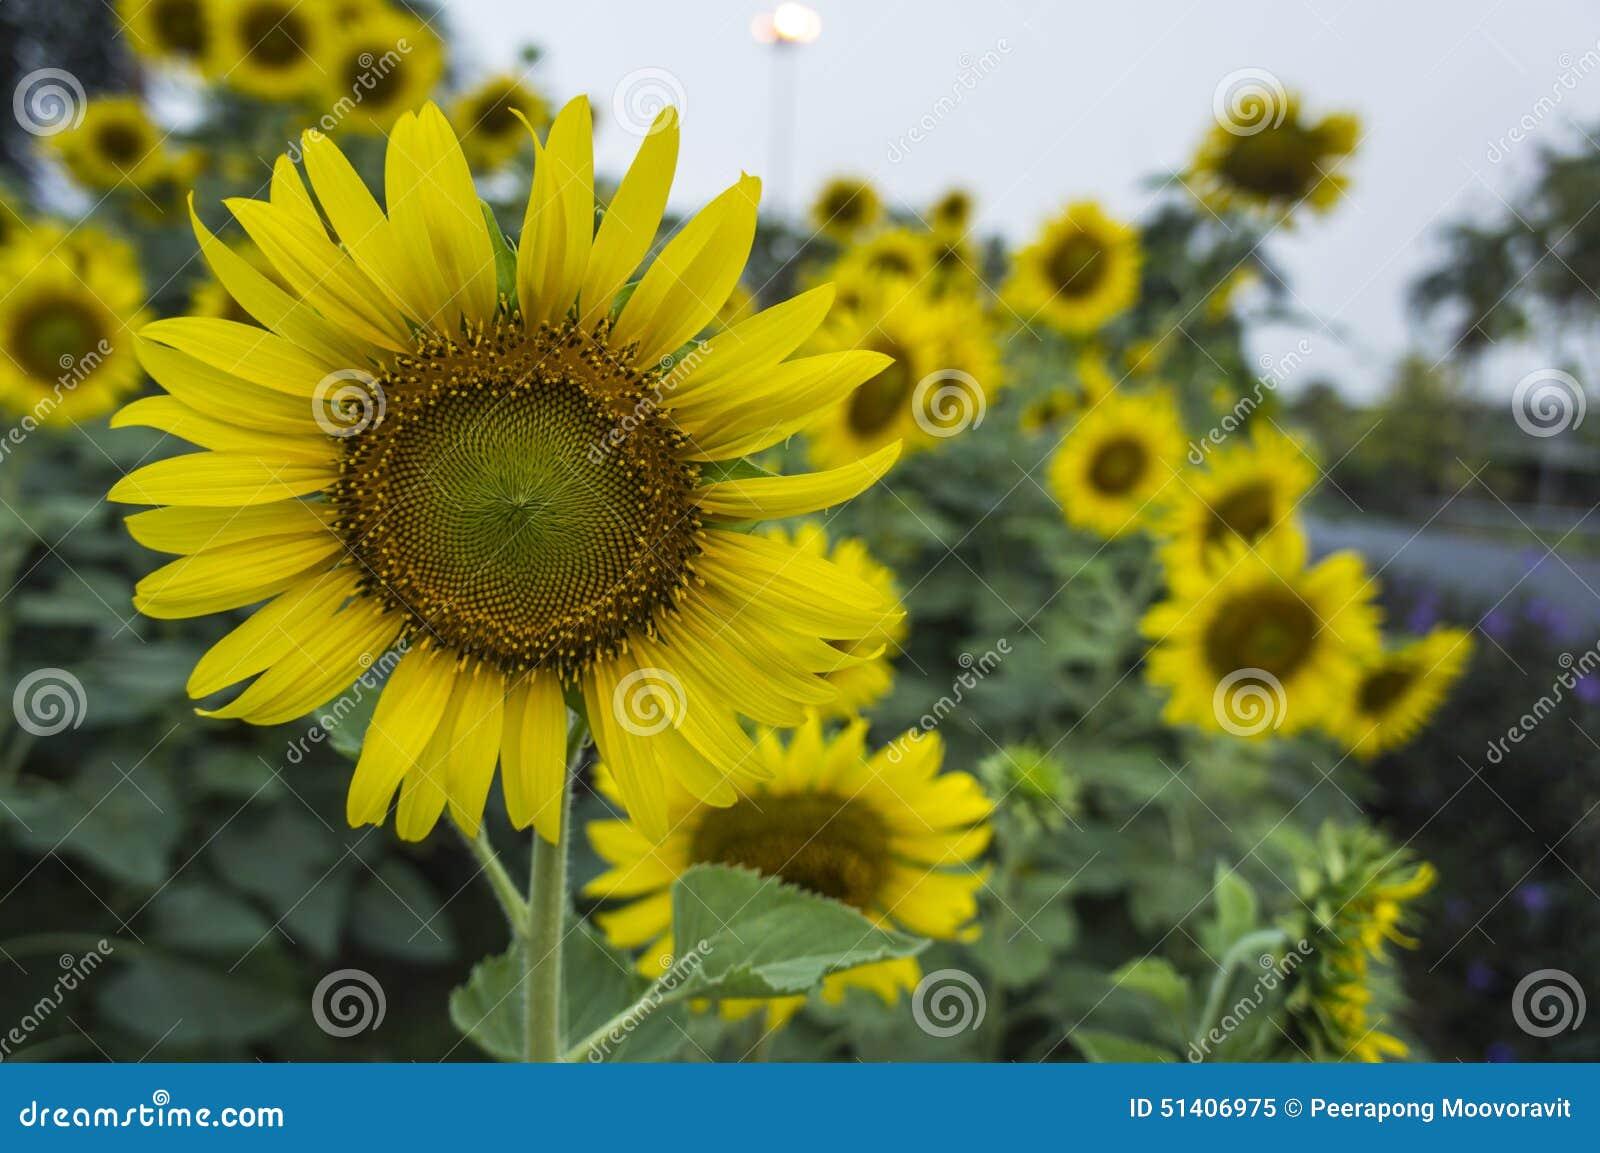 Start a Sunflower Farm